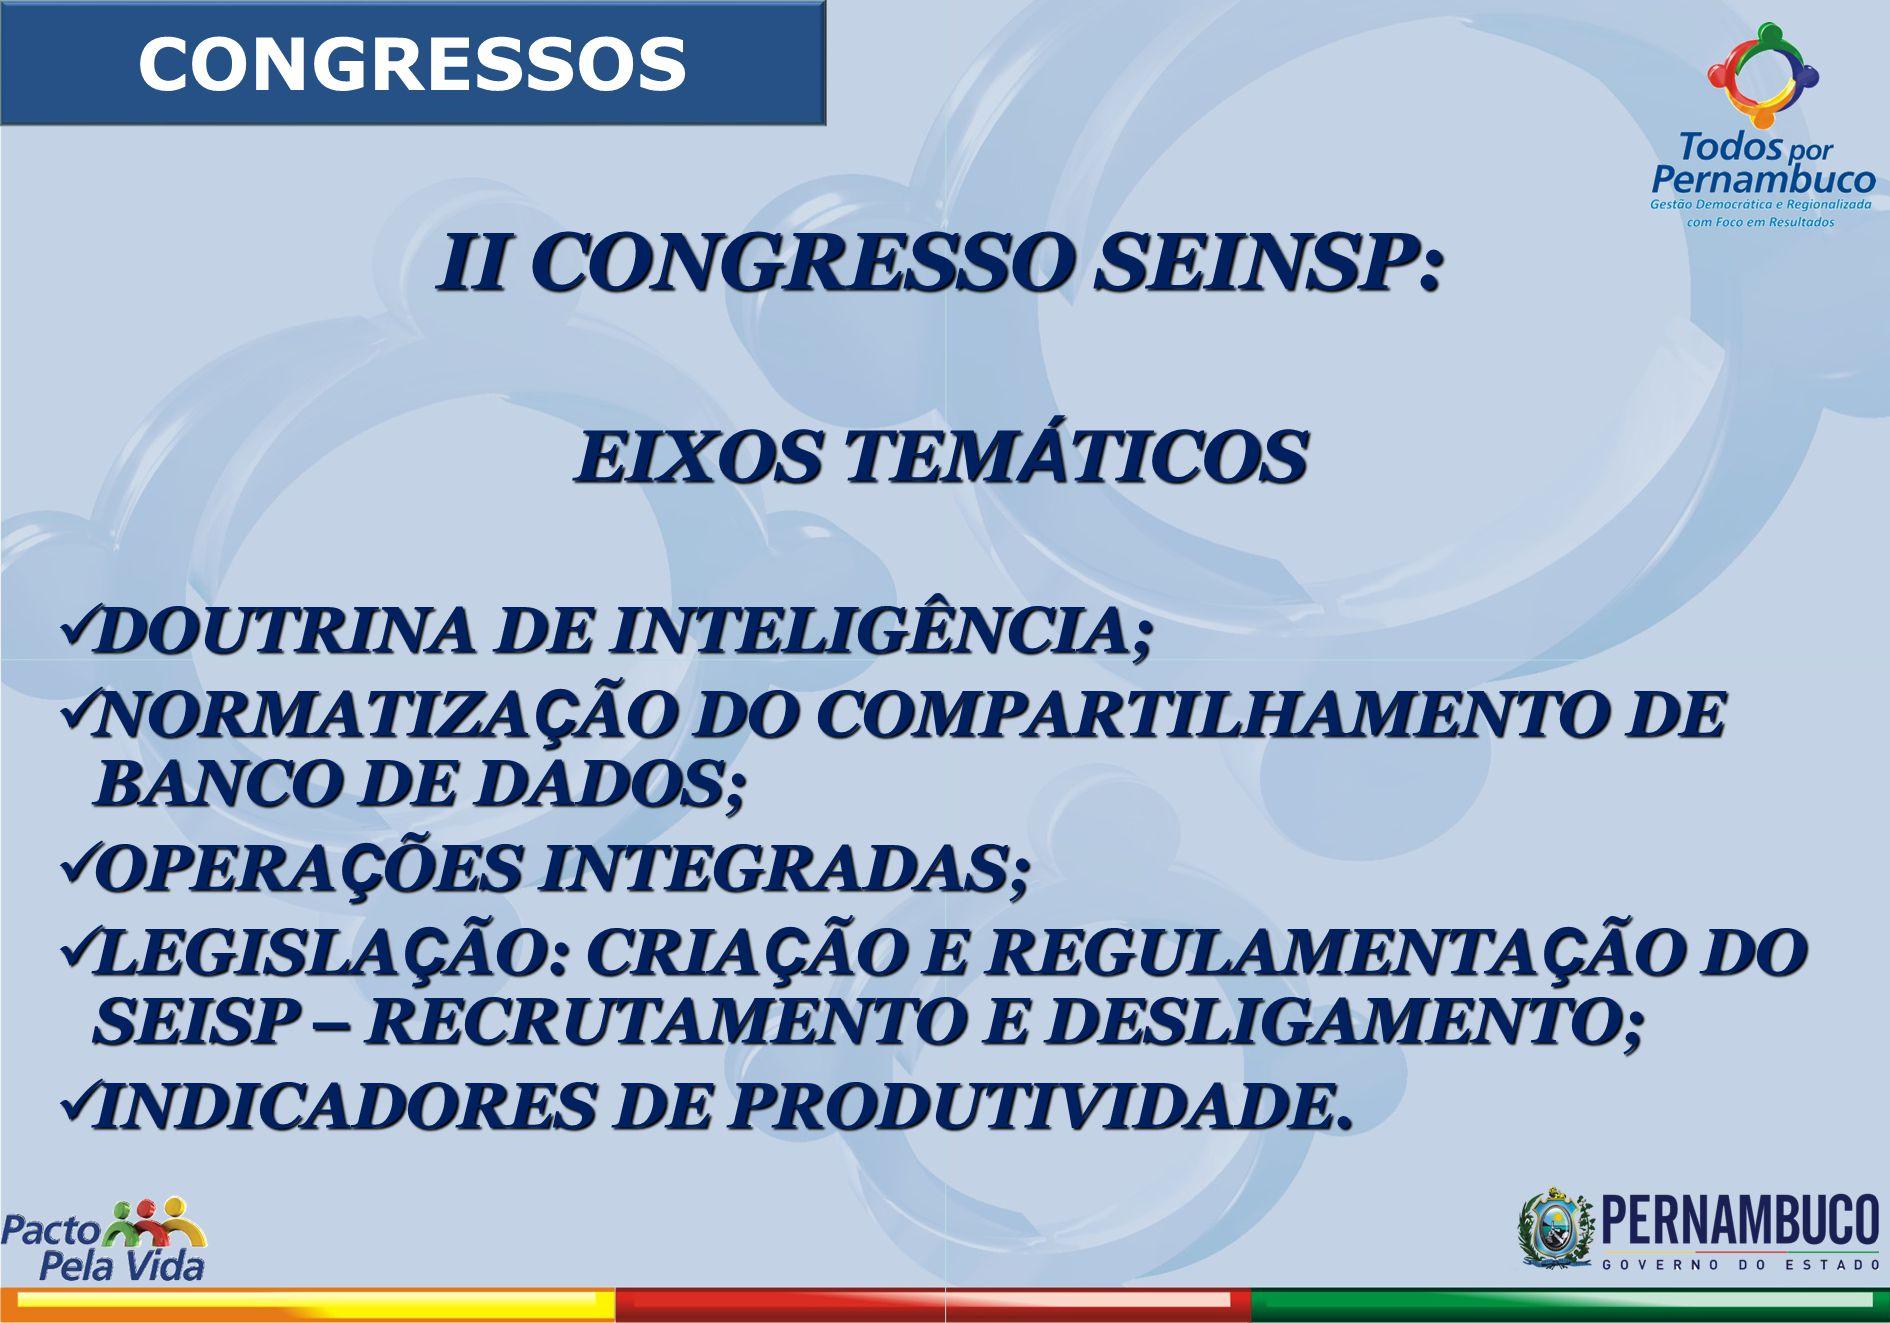 II CONGRESSO SEINSP: CONGRESSOS EIXOS TEMÁTICOS